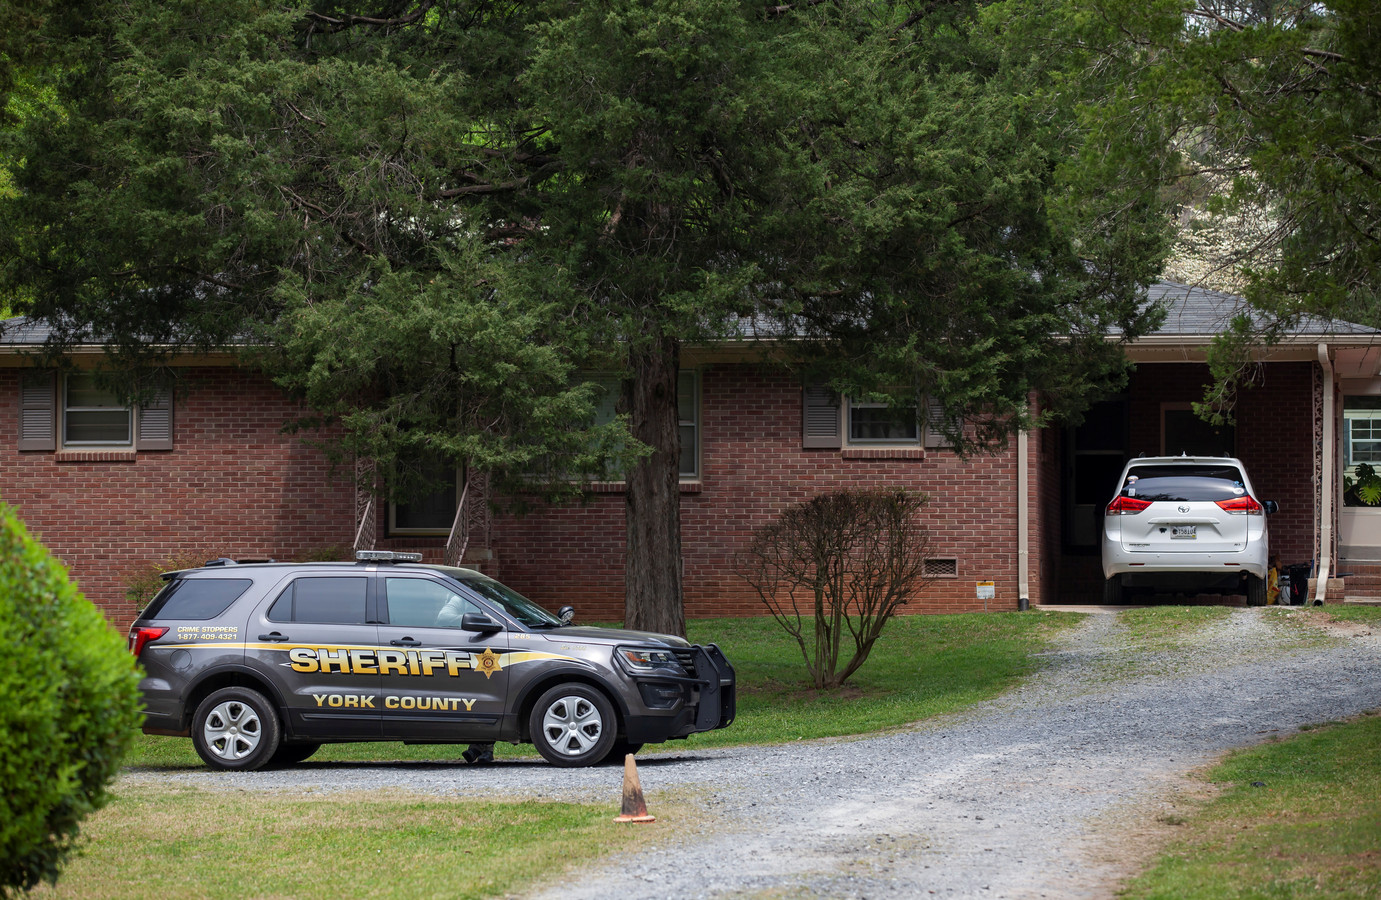 Politie bij het huis van Phillip Adams in Rock Hill, nadat de voormalige American footballspeler vijf mensen doodde en vervolgens zichzelf van het leven beroofde.